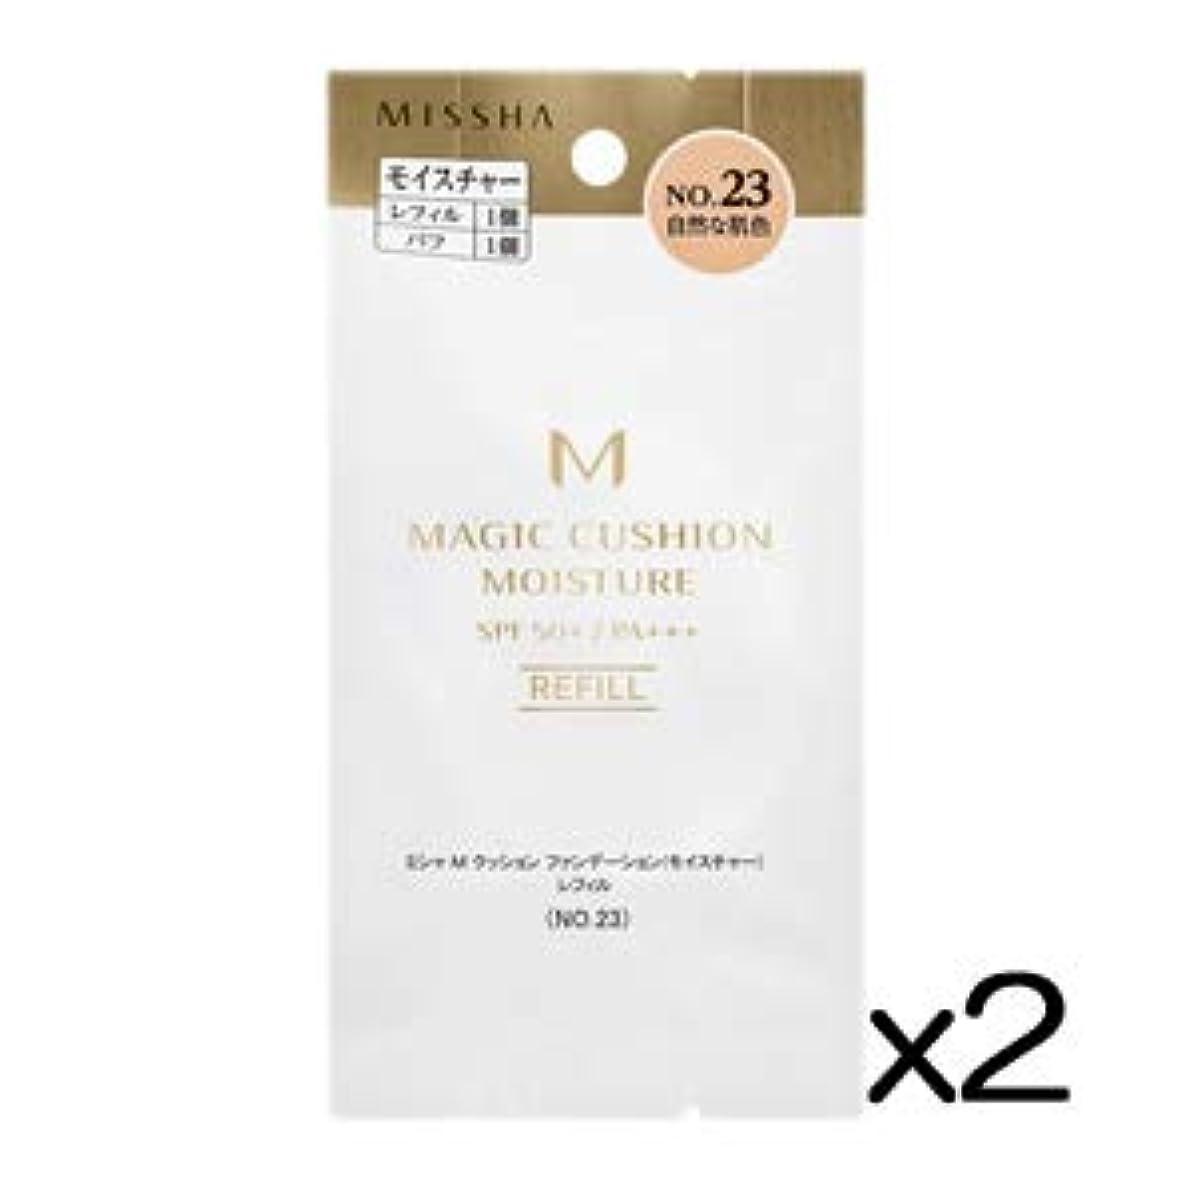 競争力のある日の出目覚めるミシャ M クッション ファンデーション (モイスチャー) No.23 自然な肌色 レフィル 15g×2個セット